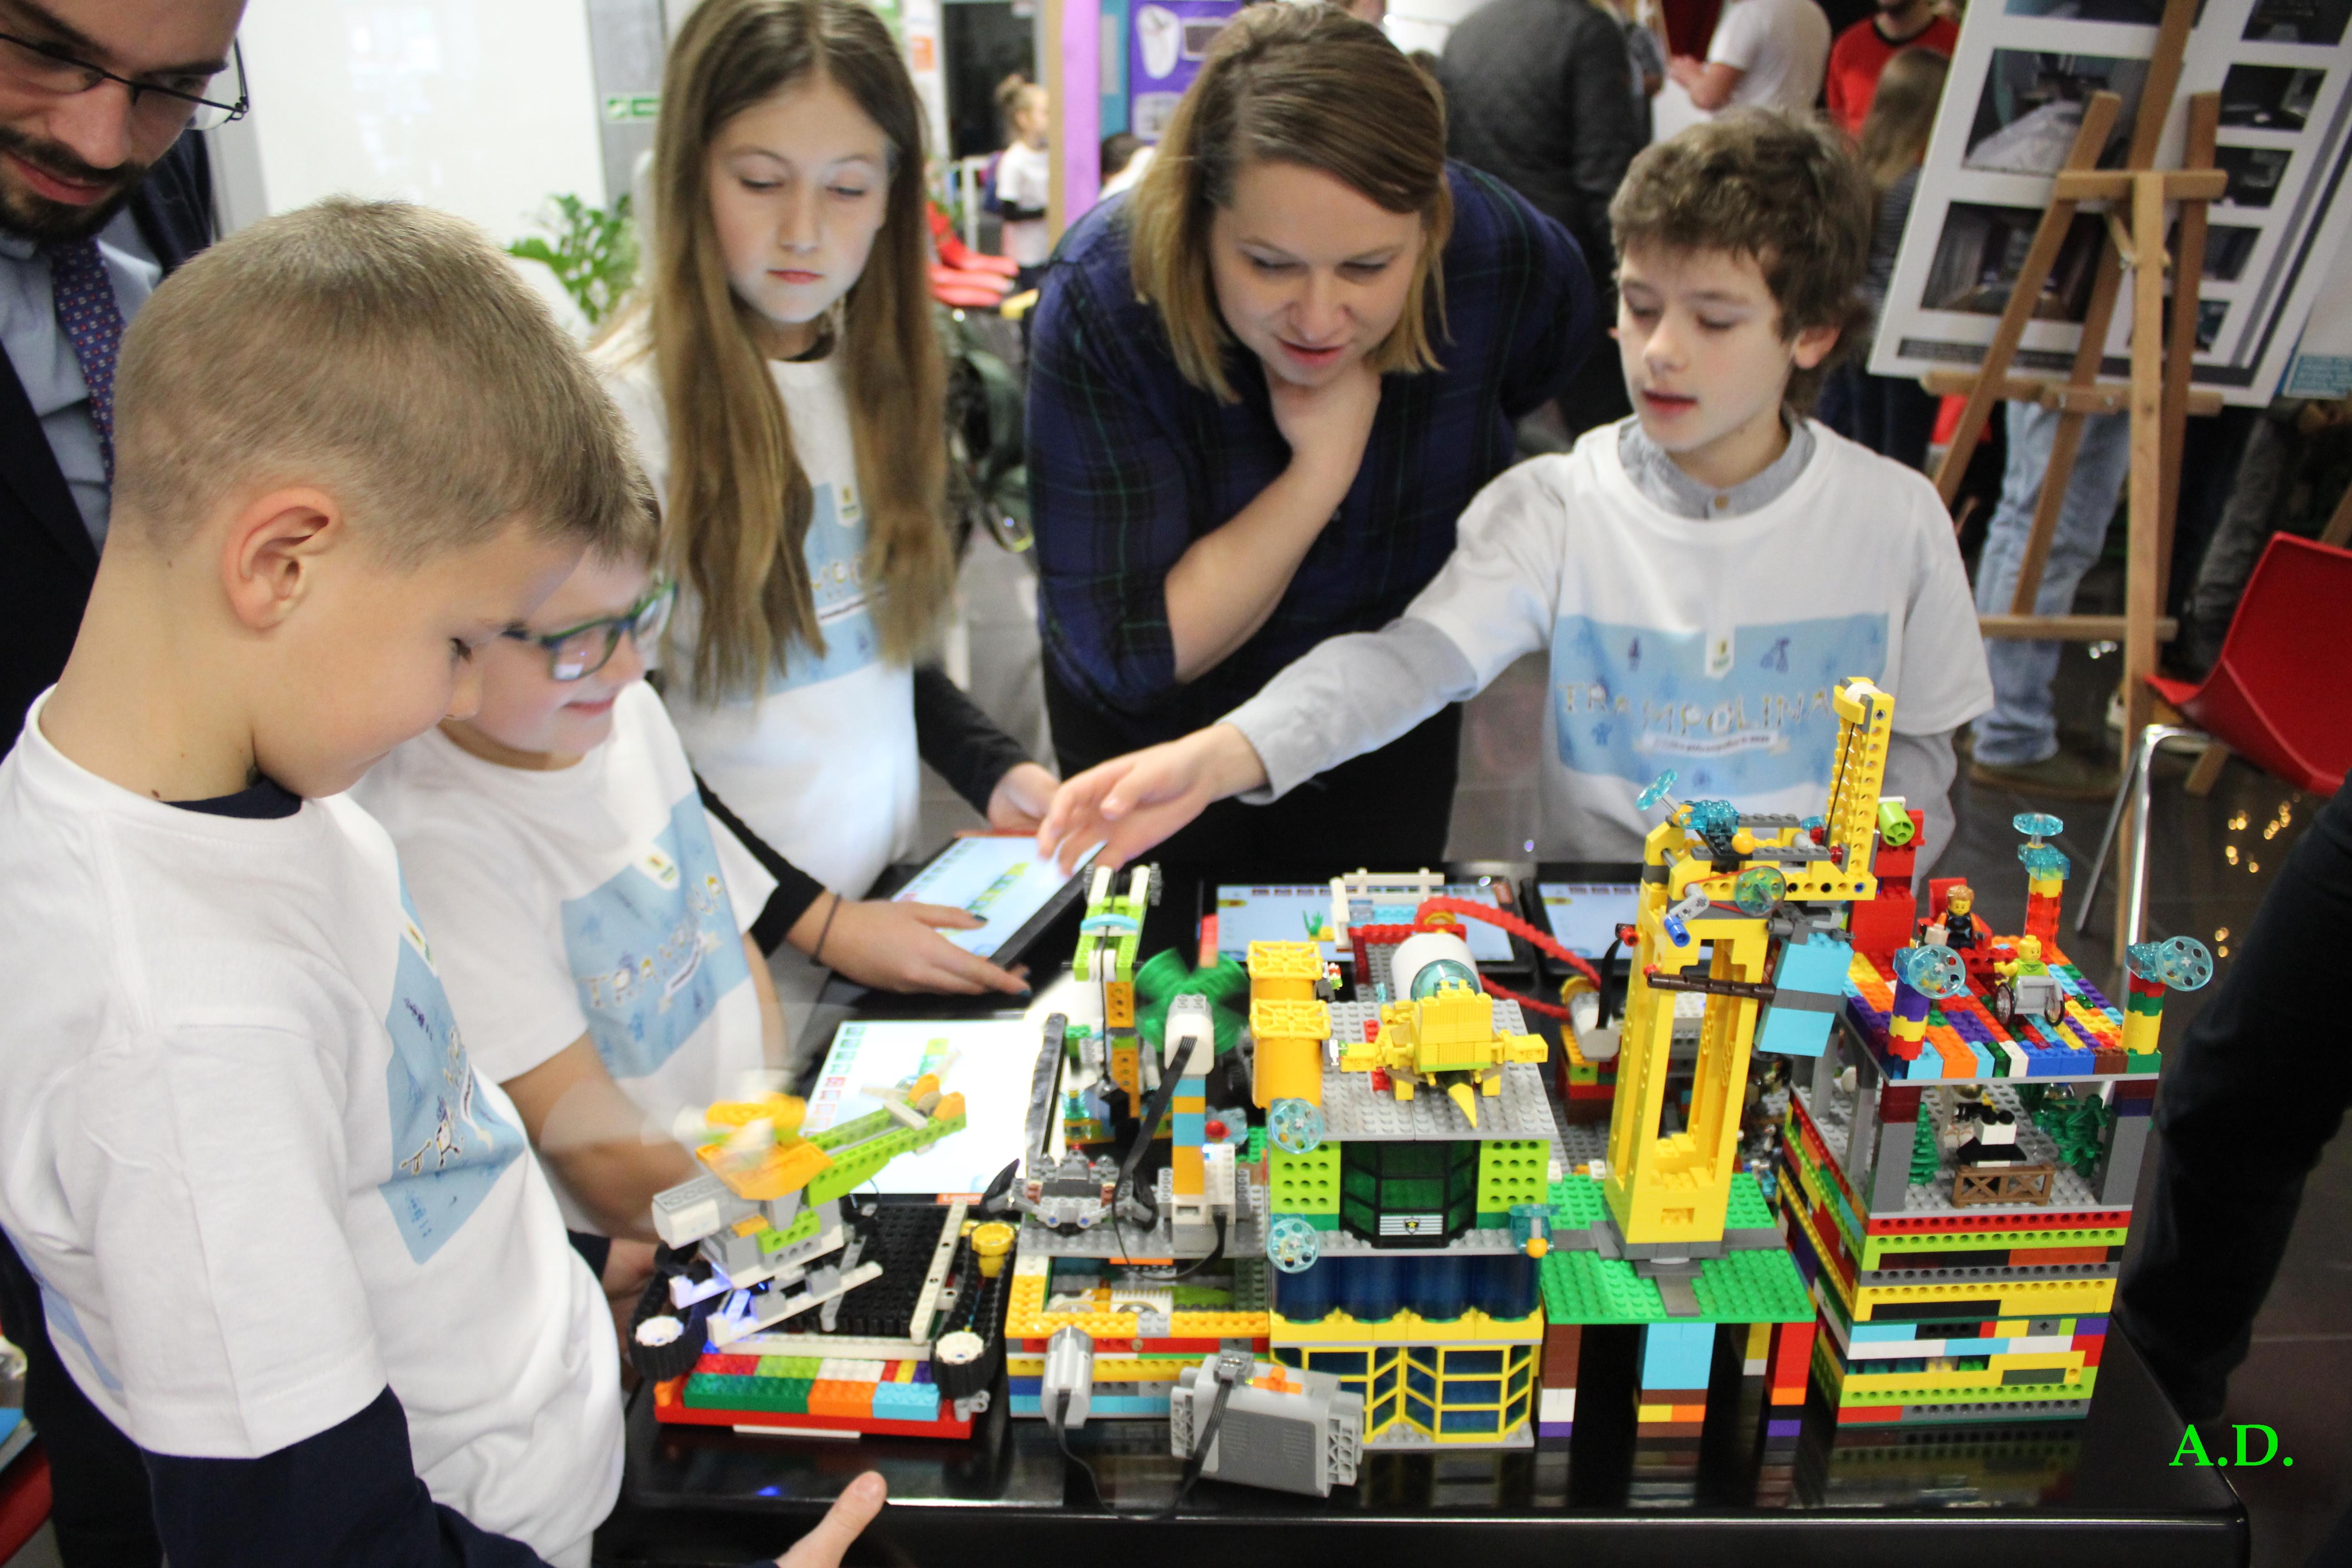 Turniej First Lego League po raz pierwszy w Krakowie - sprowadź zajęcia do szkoły Twojego dziecka!